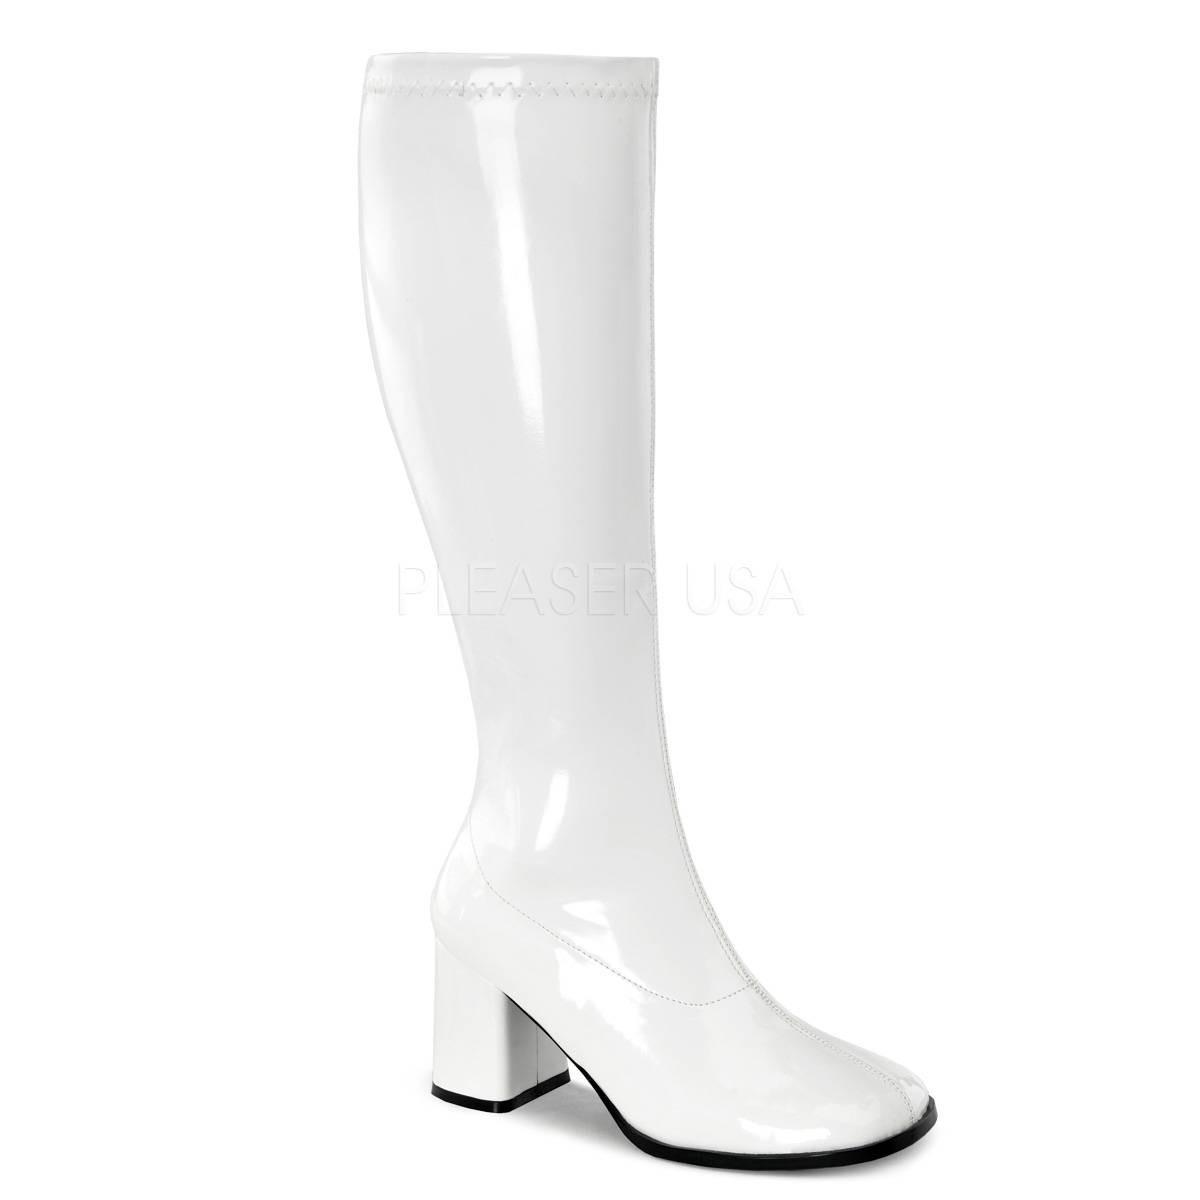 Stiefel - GOGO 300WC ° Damen Stiefel ° Weiß Glänzend ° Funtasma  - Onlineshop RedSixty